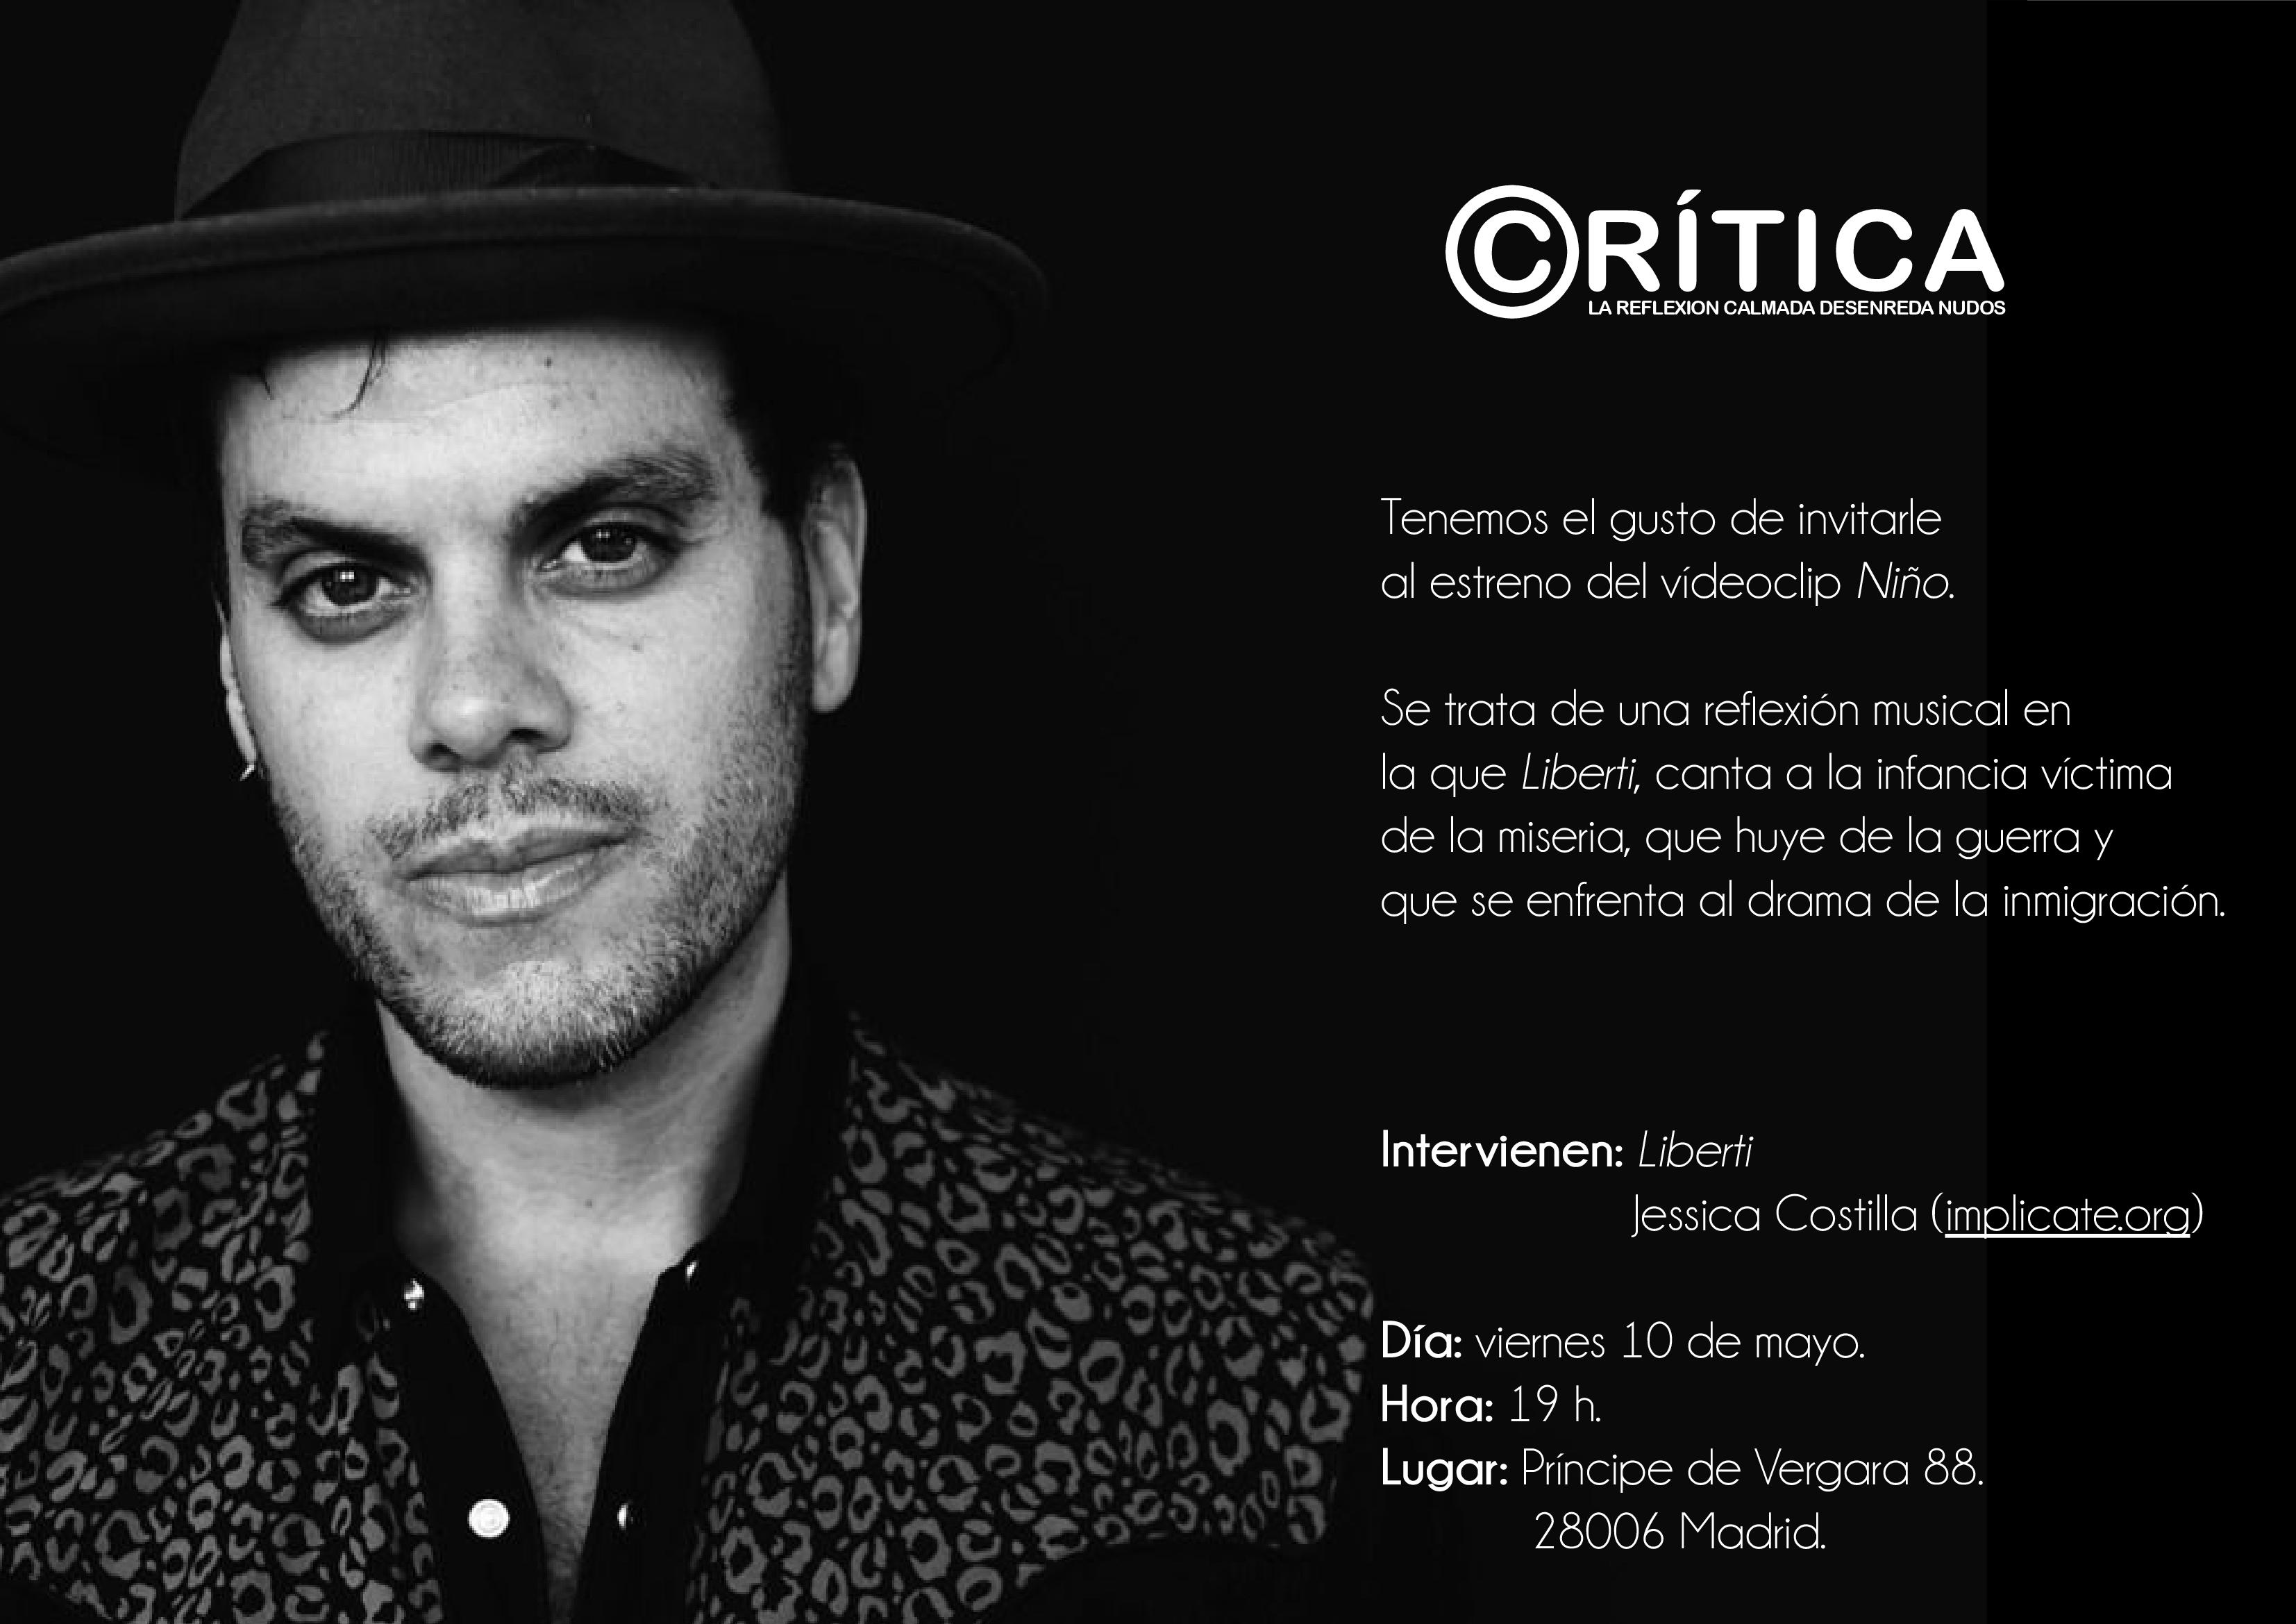 Invitacion-Revista-Critica